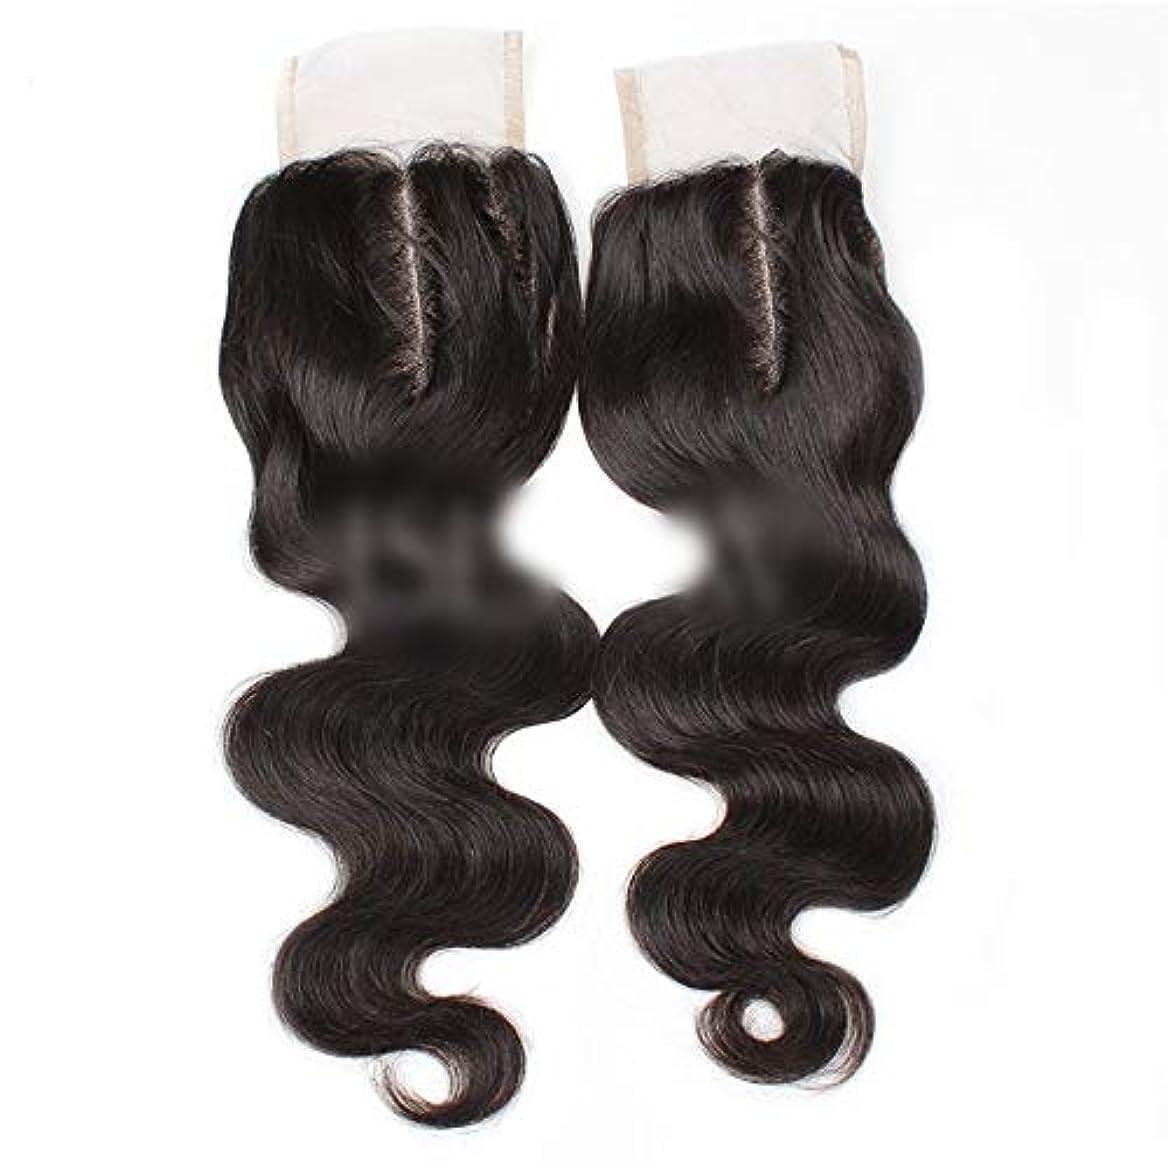 スタック発信許可するHOHYLLYA 9aブラジル髪実体波中間部4×4レース閉鎖人間の髪の毛ナチュラルブラック8